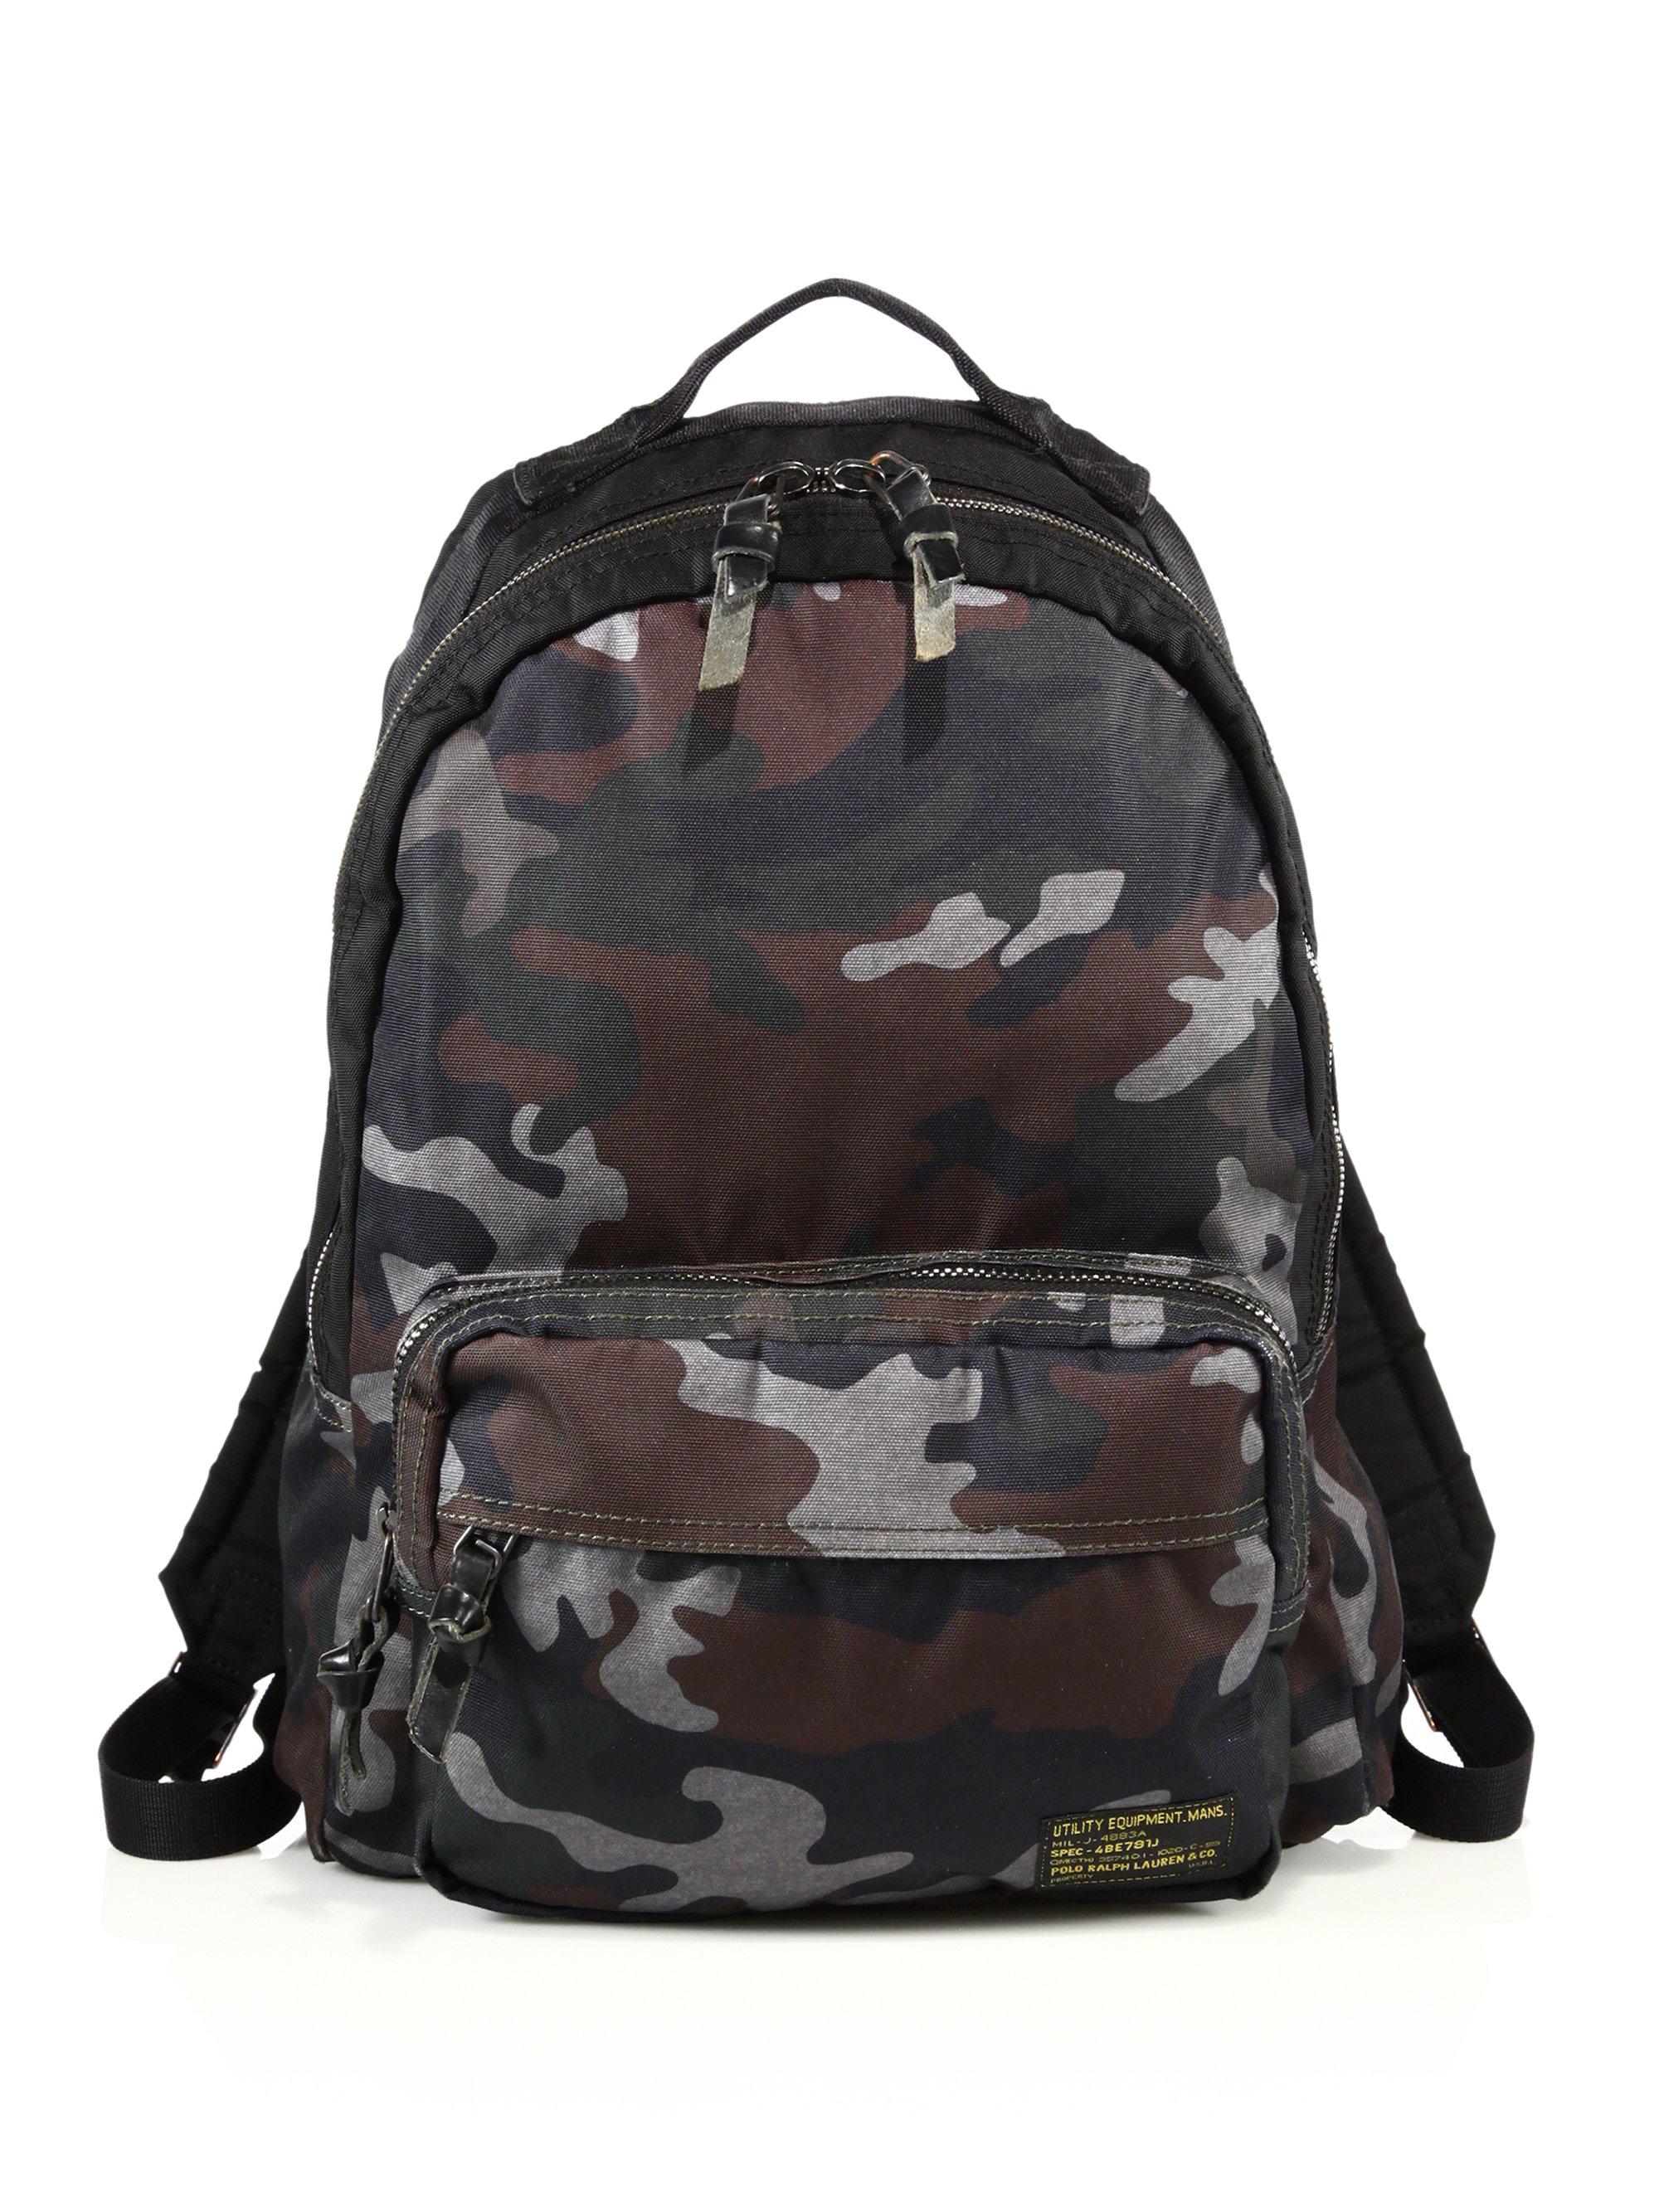 7f7b307a4da2 Polo ralph lauren Camo Backpack for Men